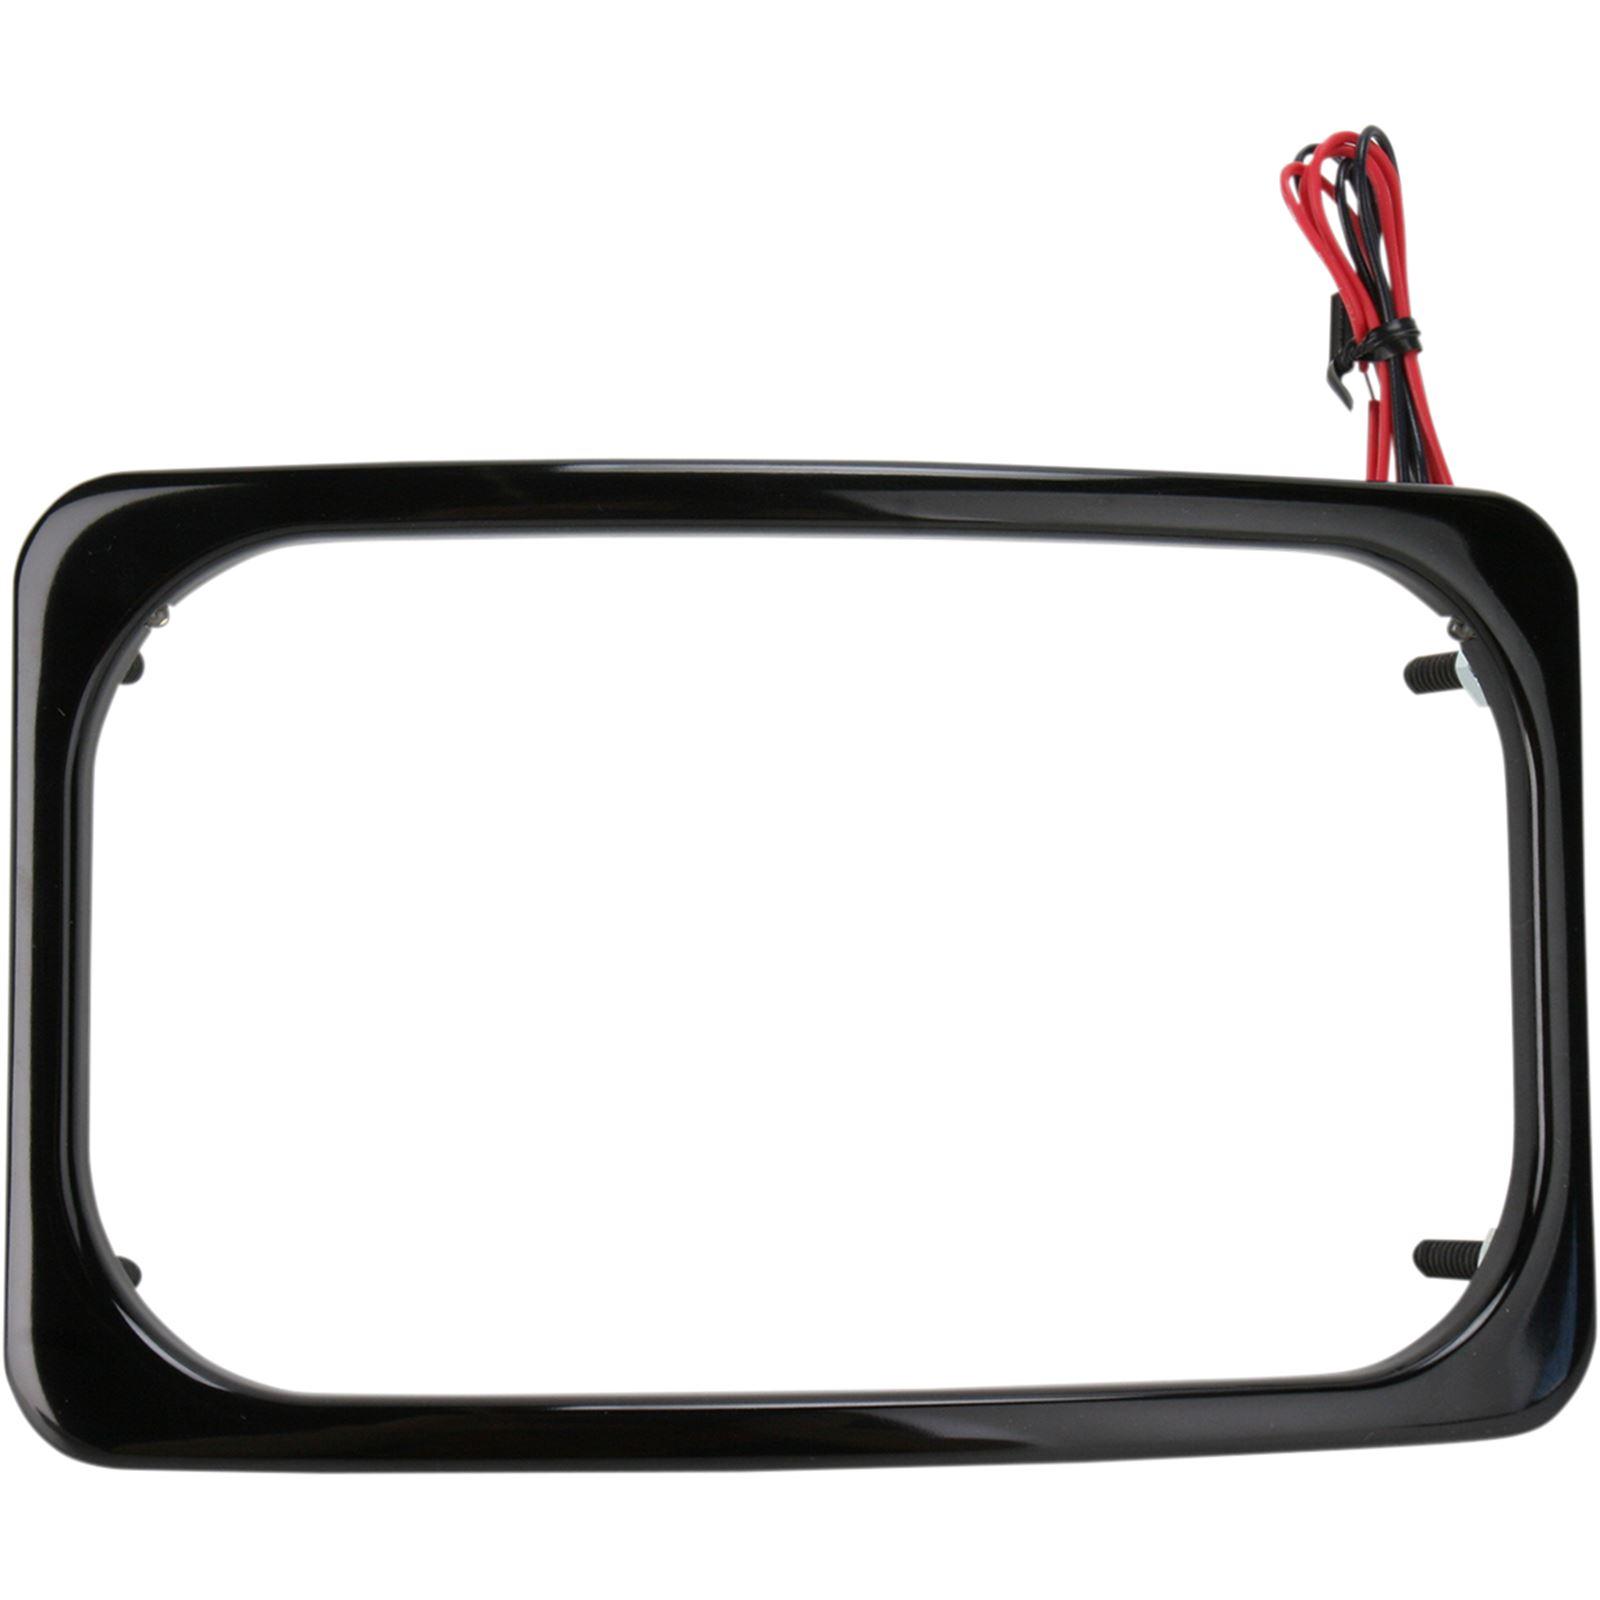 Paul Yaffe's Bagger Nation License Plate Frame - Black